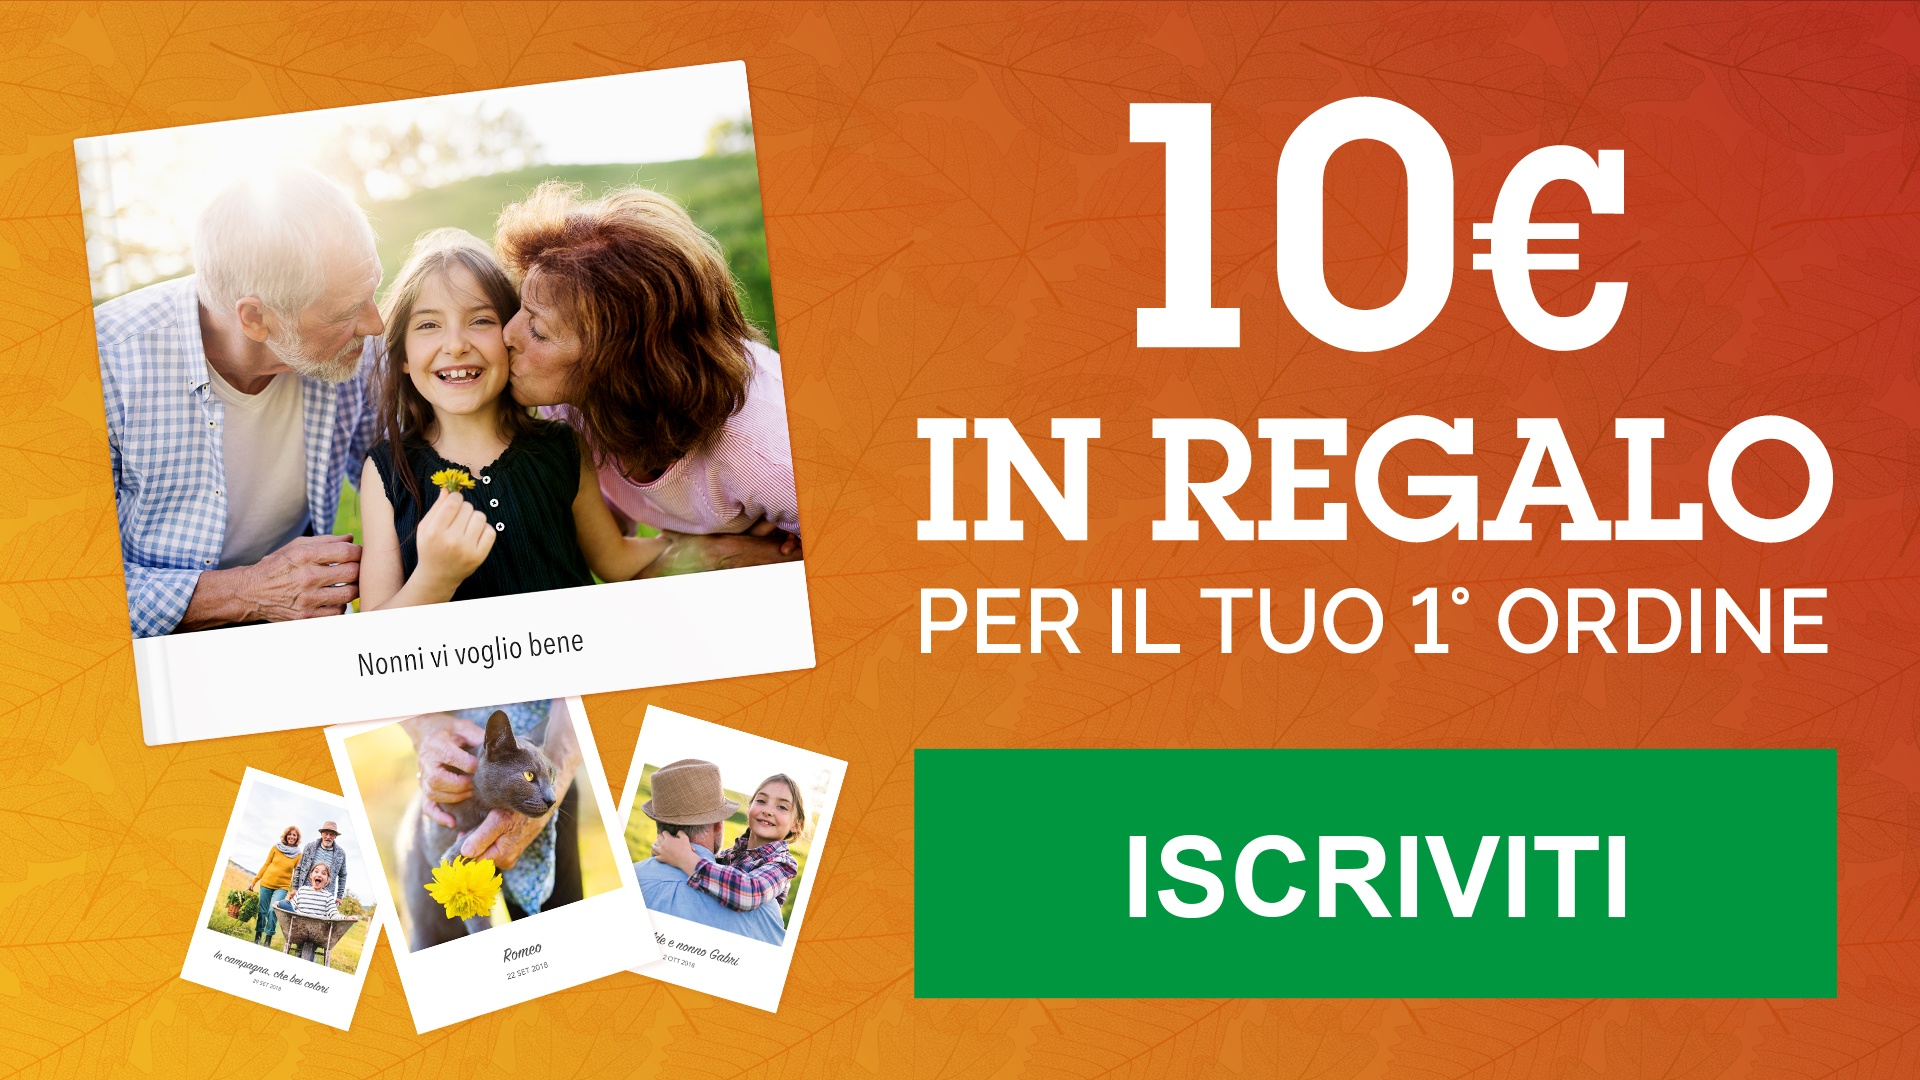 10 VOLTE BENVENUTO: € 10 in regalo per il tuo 1° ordine!